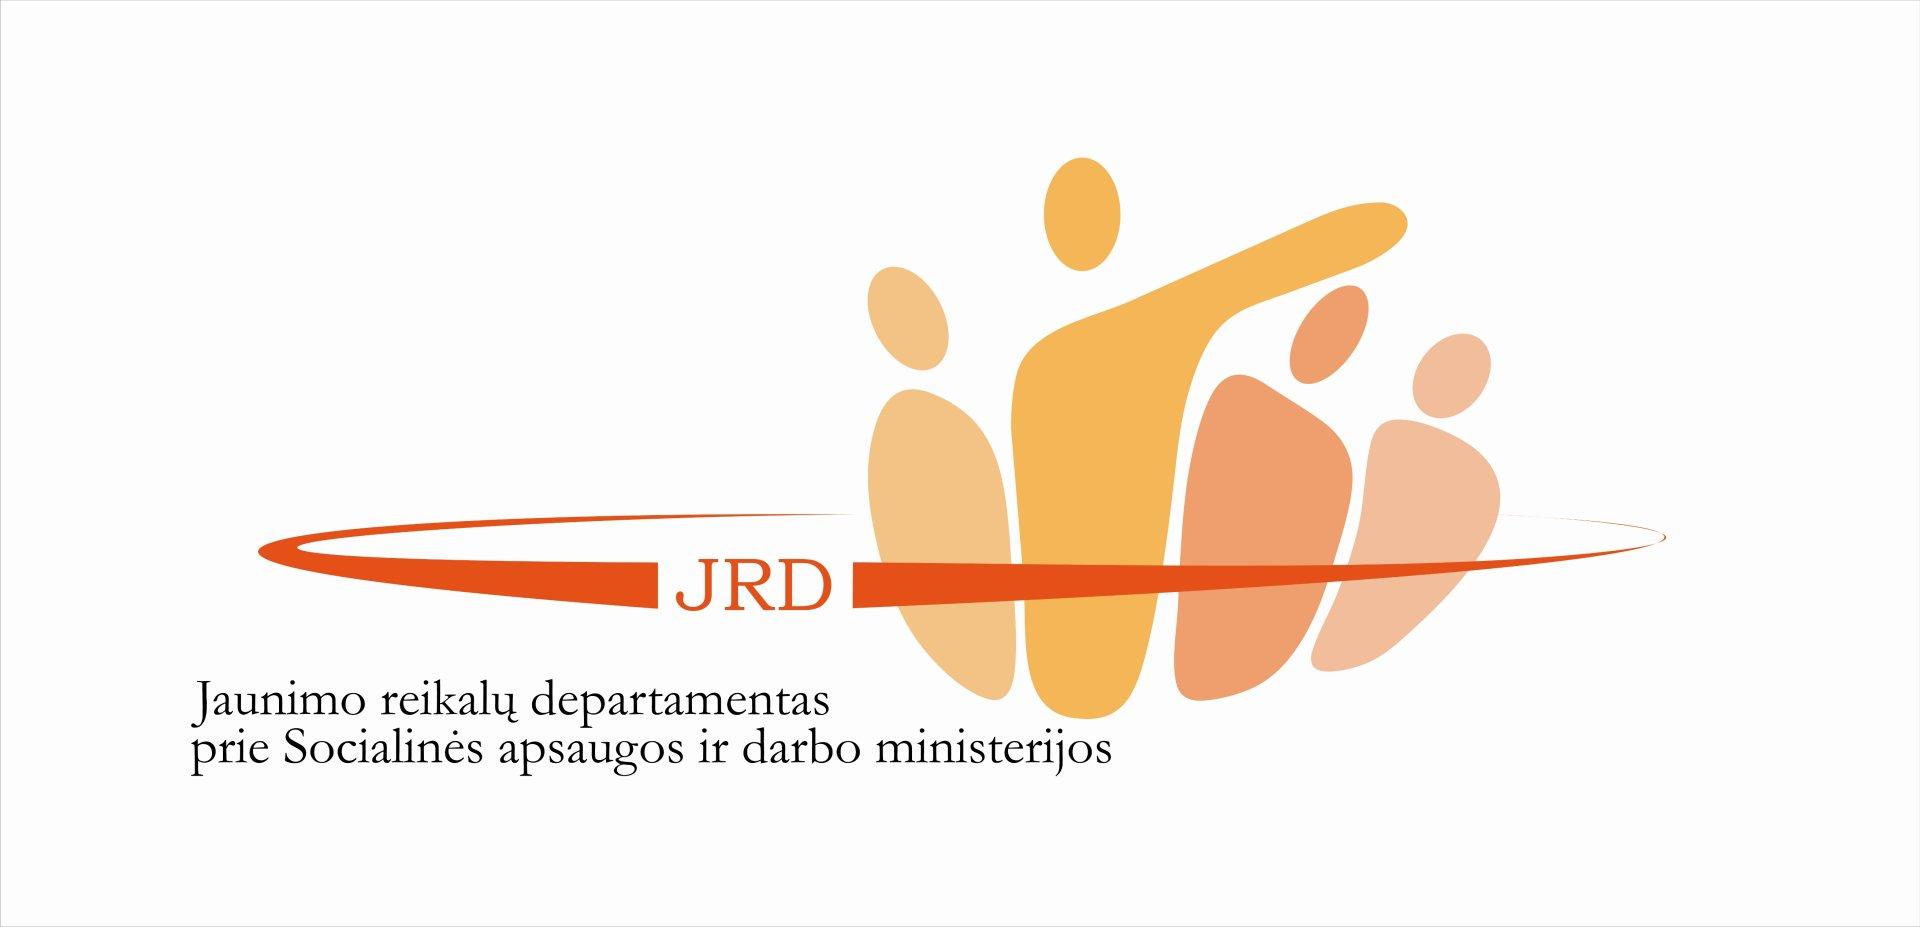 jrd logo